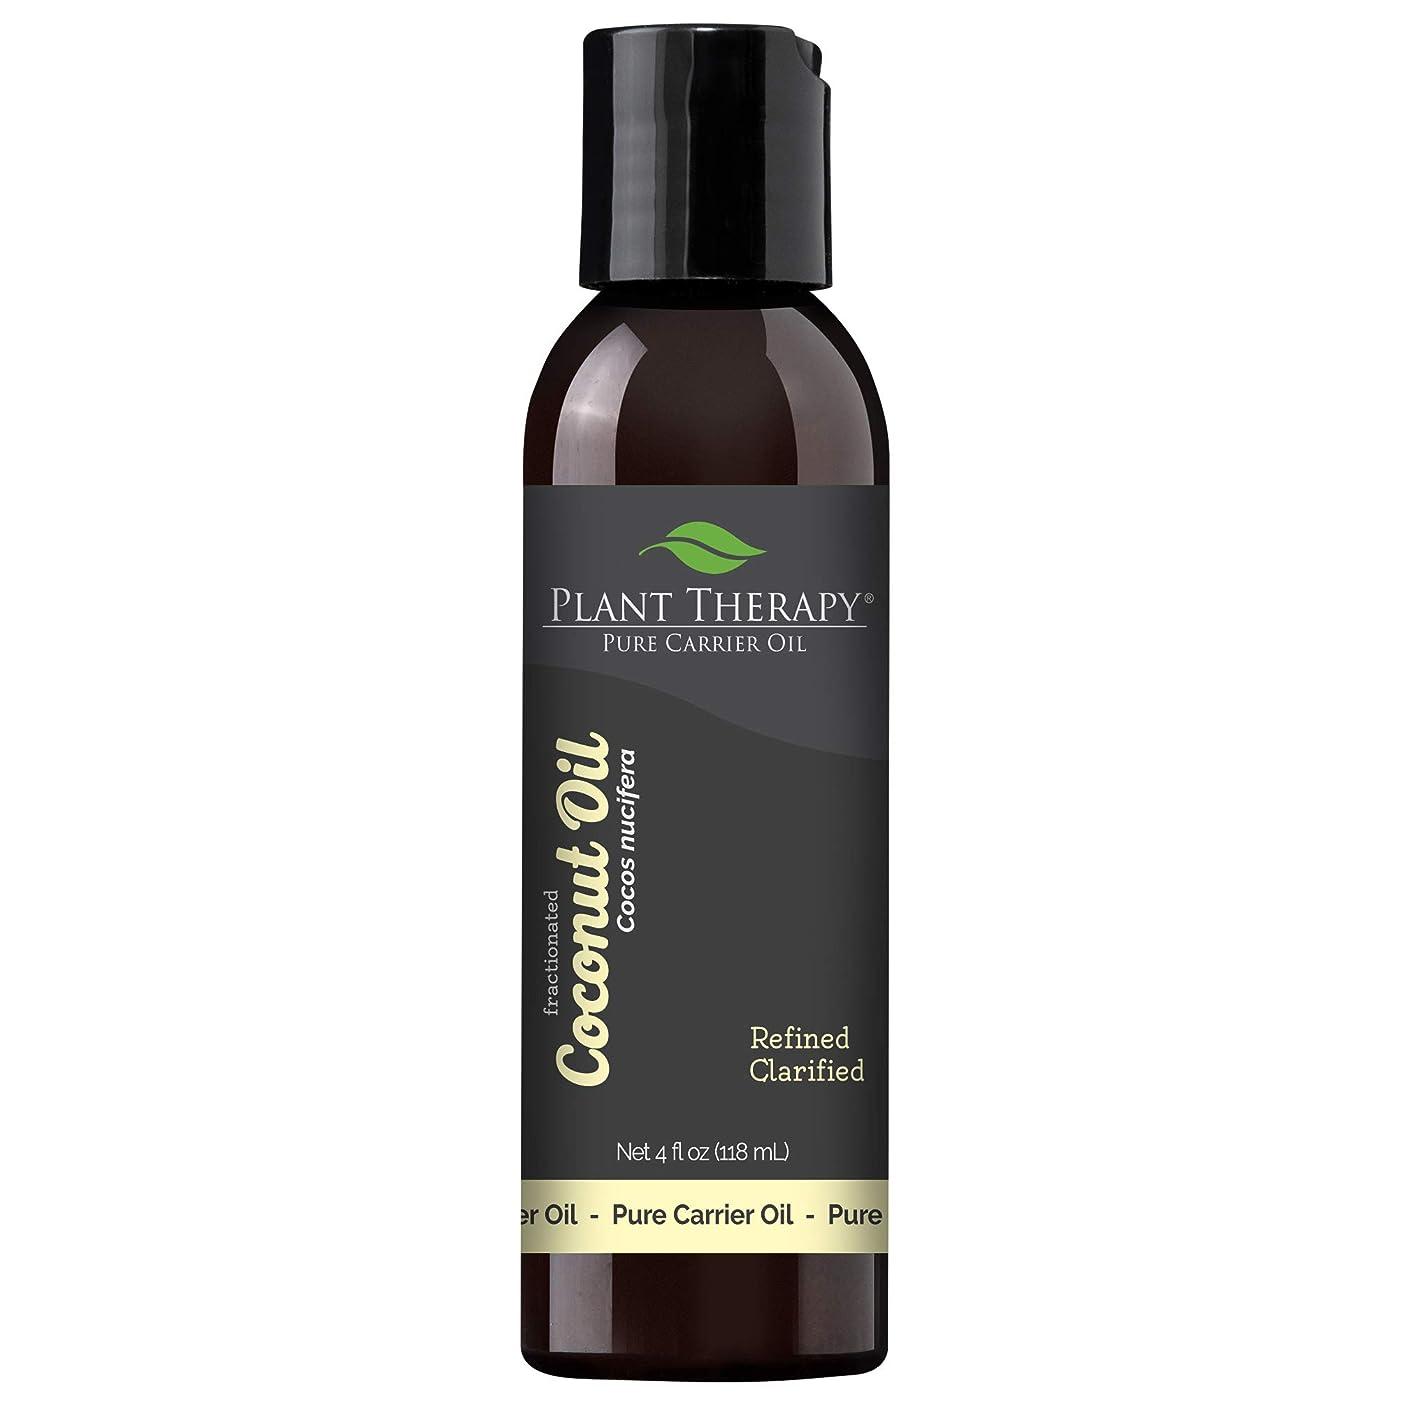 悪因子惨めな浮浪者Plant Therapy Essential Oils (プラントセラピー エッセンシャルオイル) ココナッツ (分別蒸留) 4 オンス キャリアオイル